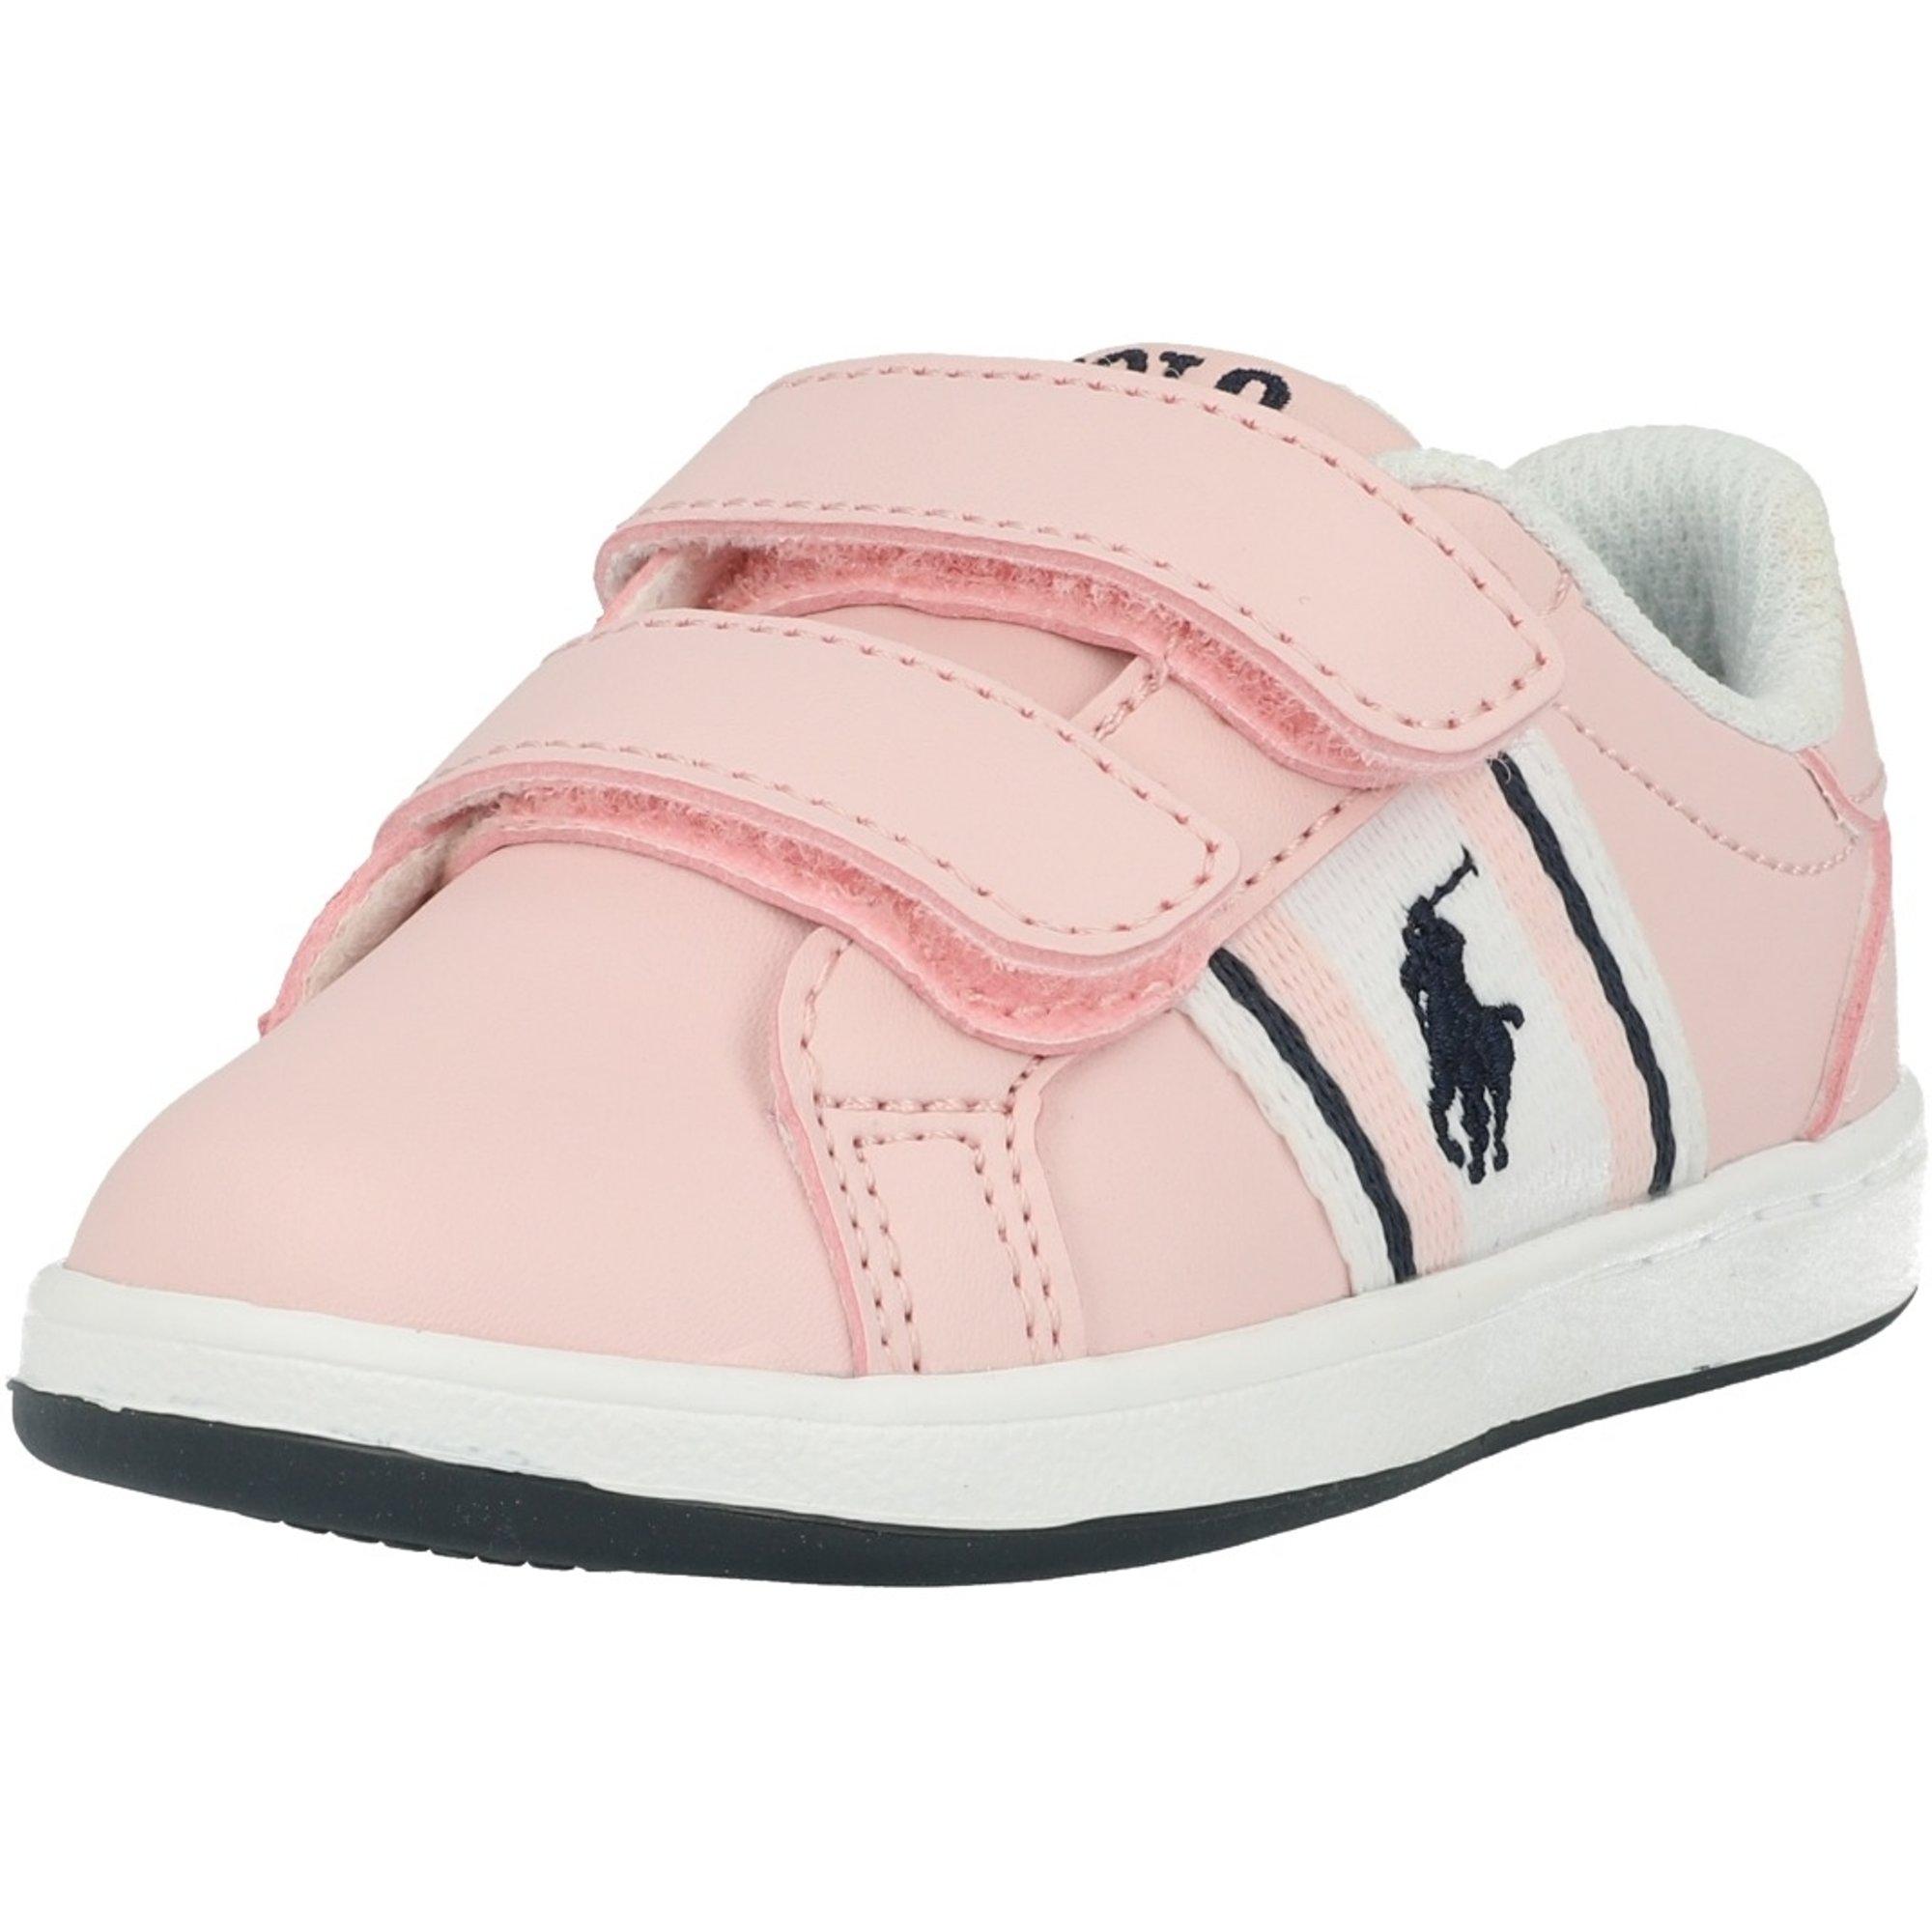 Polo Ralph Lauren Oaklynn EZ Light Pink/Navy Smooth Infant